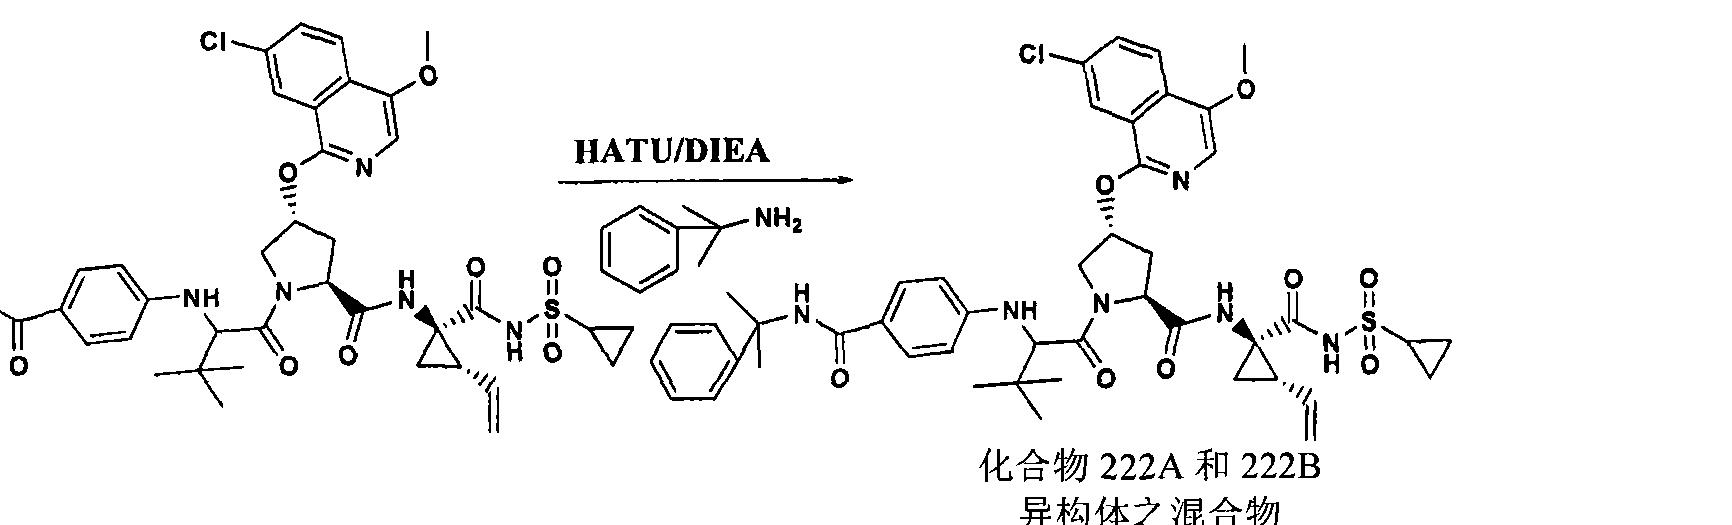 Figure CN101541784BD01501